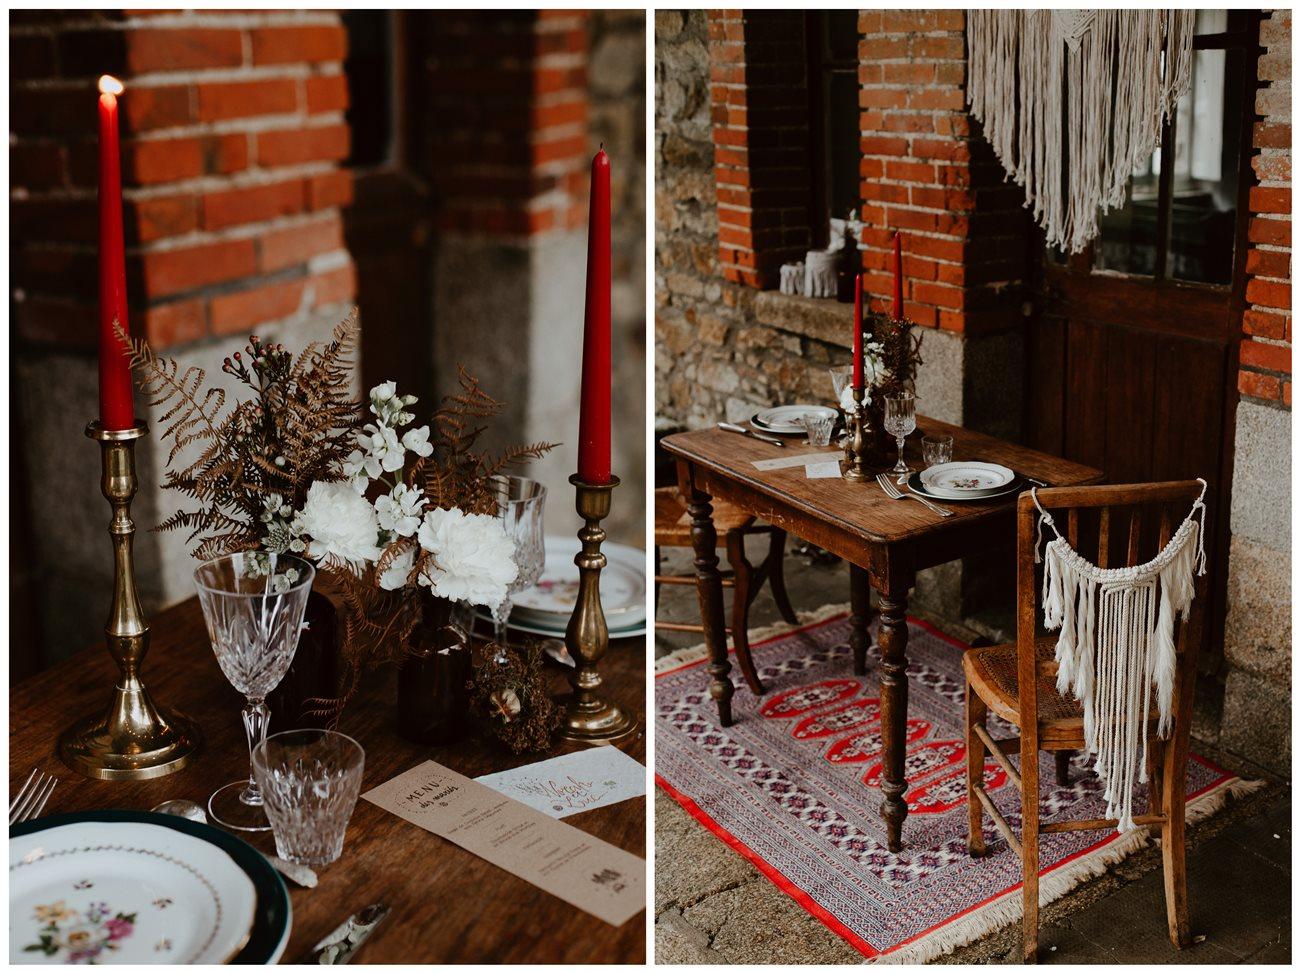 mariage bohème décoration table extérieur détails